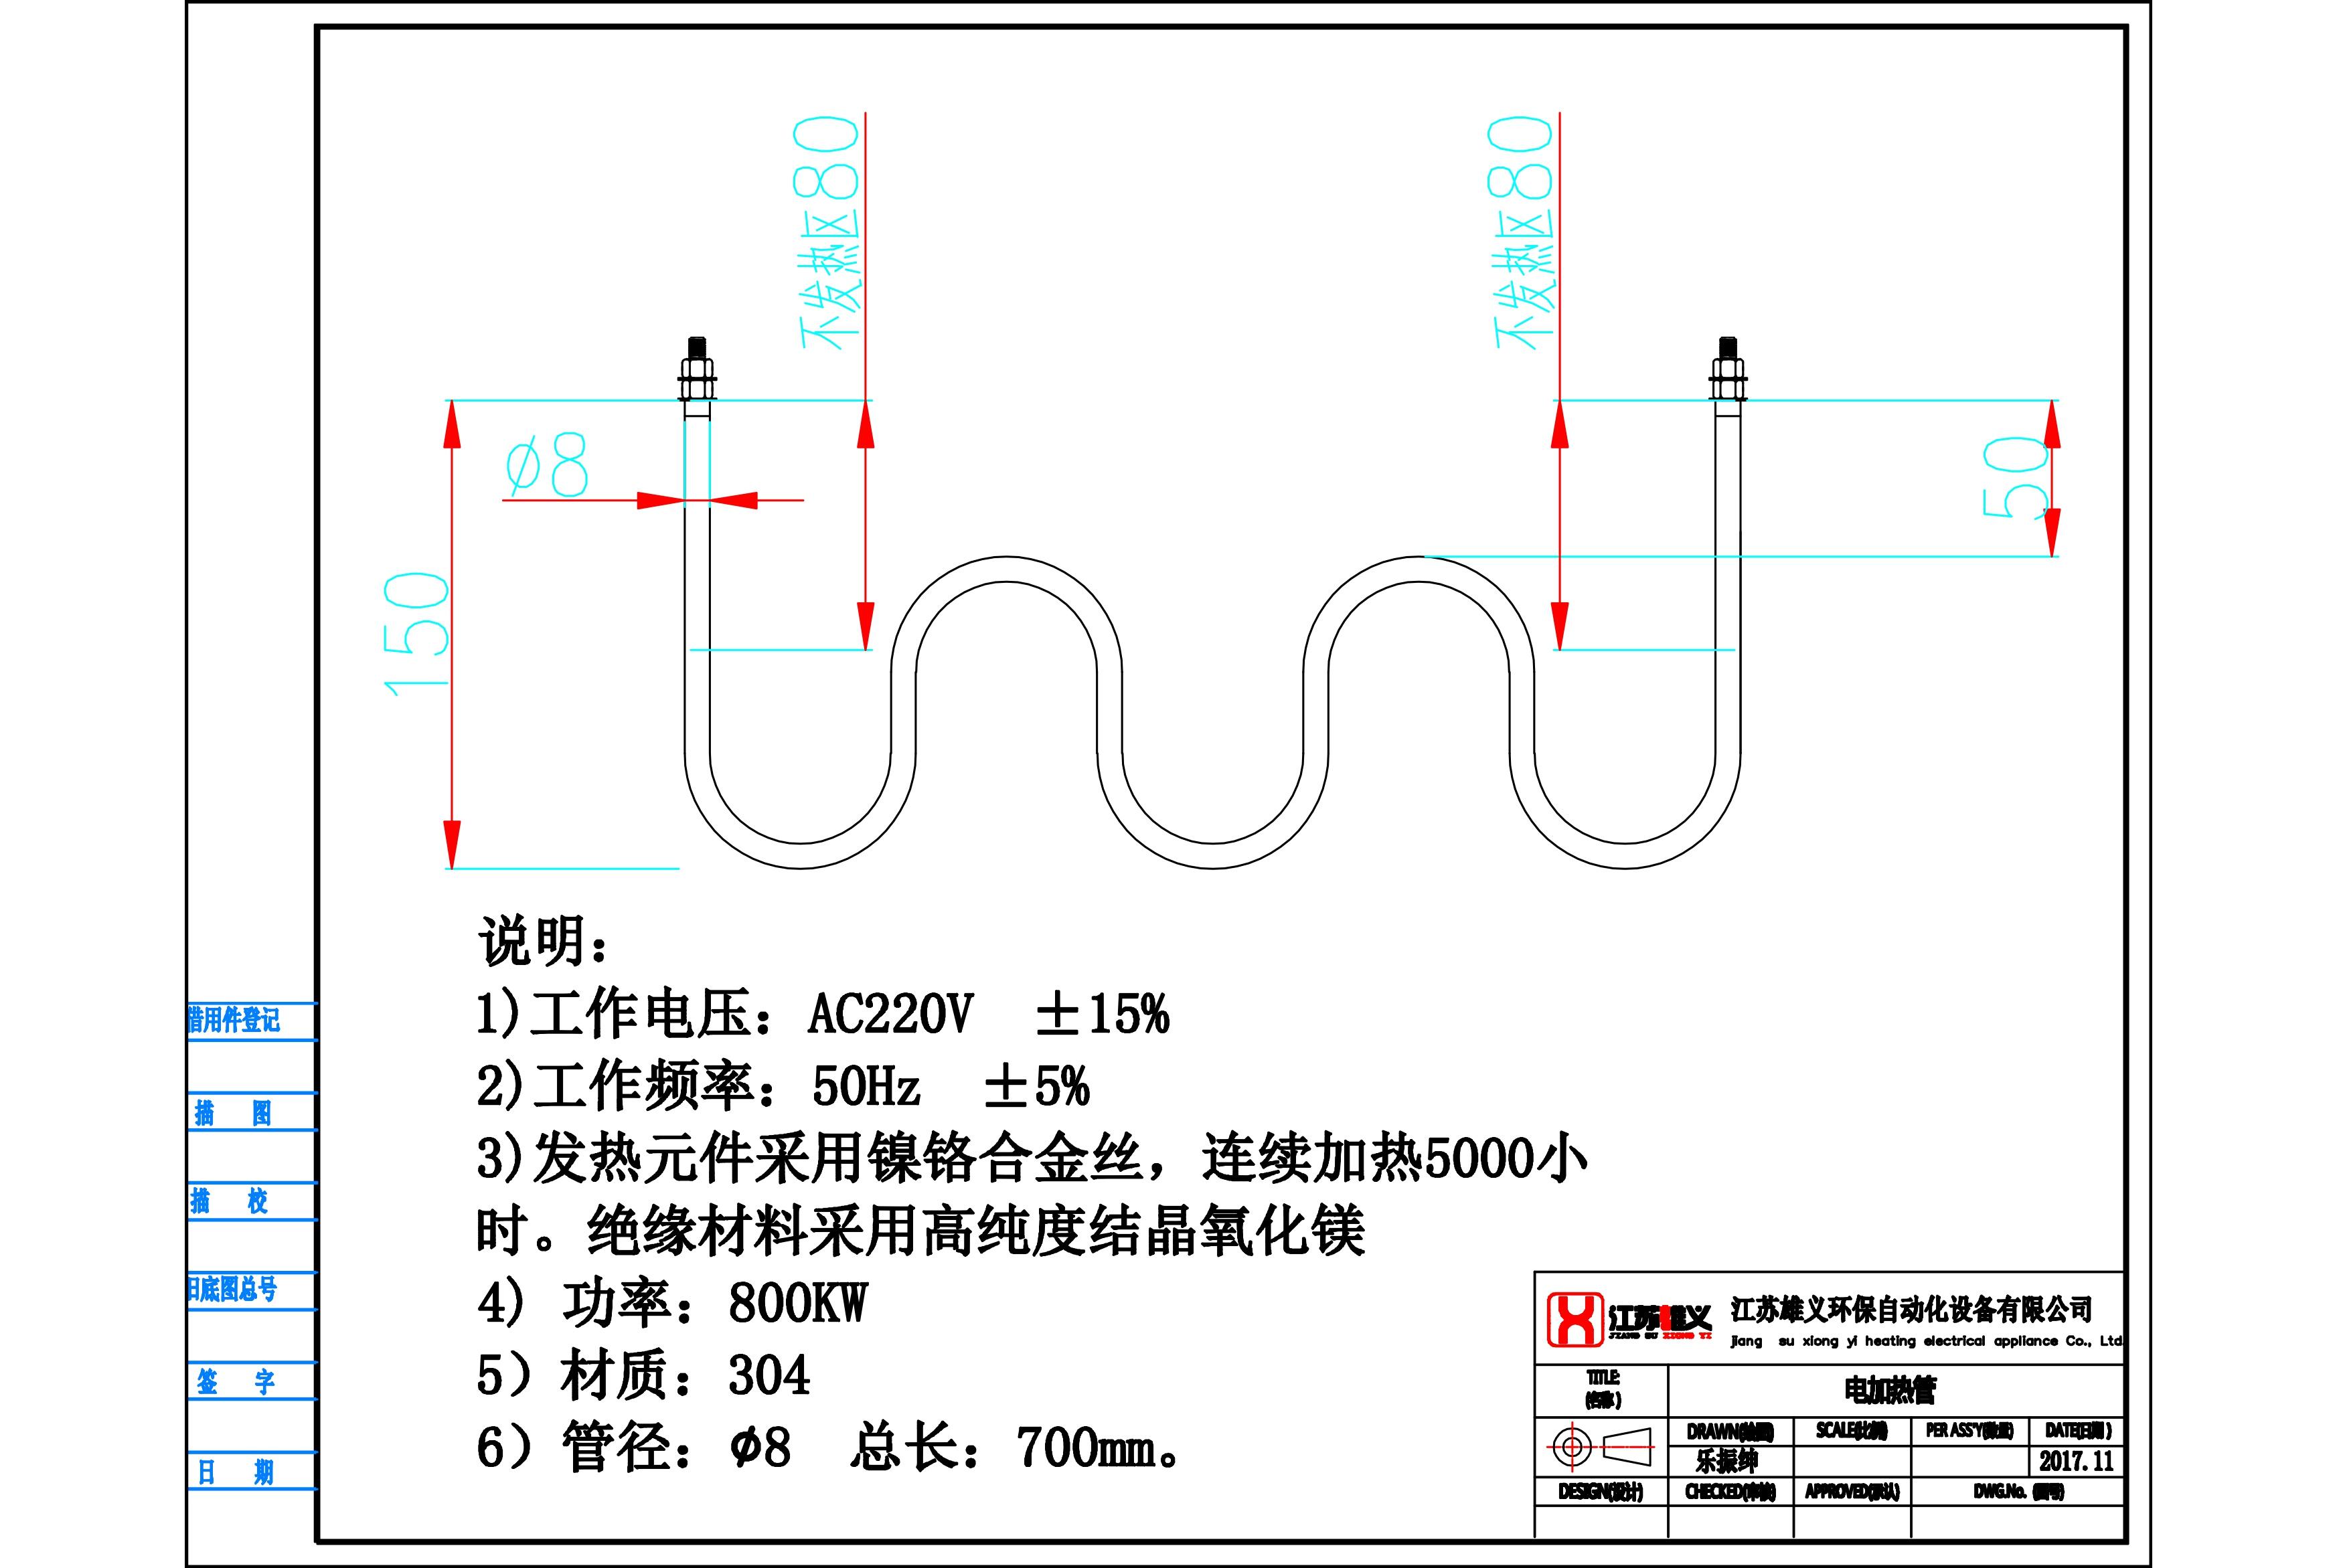 800kwW型电加热管